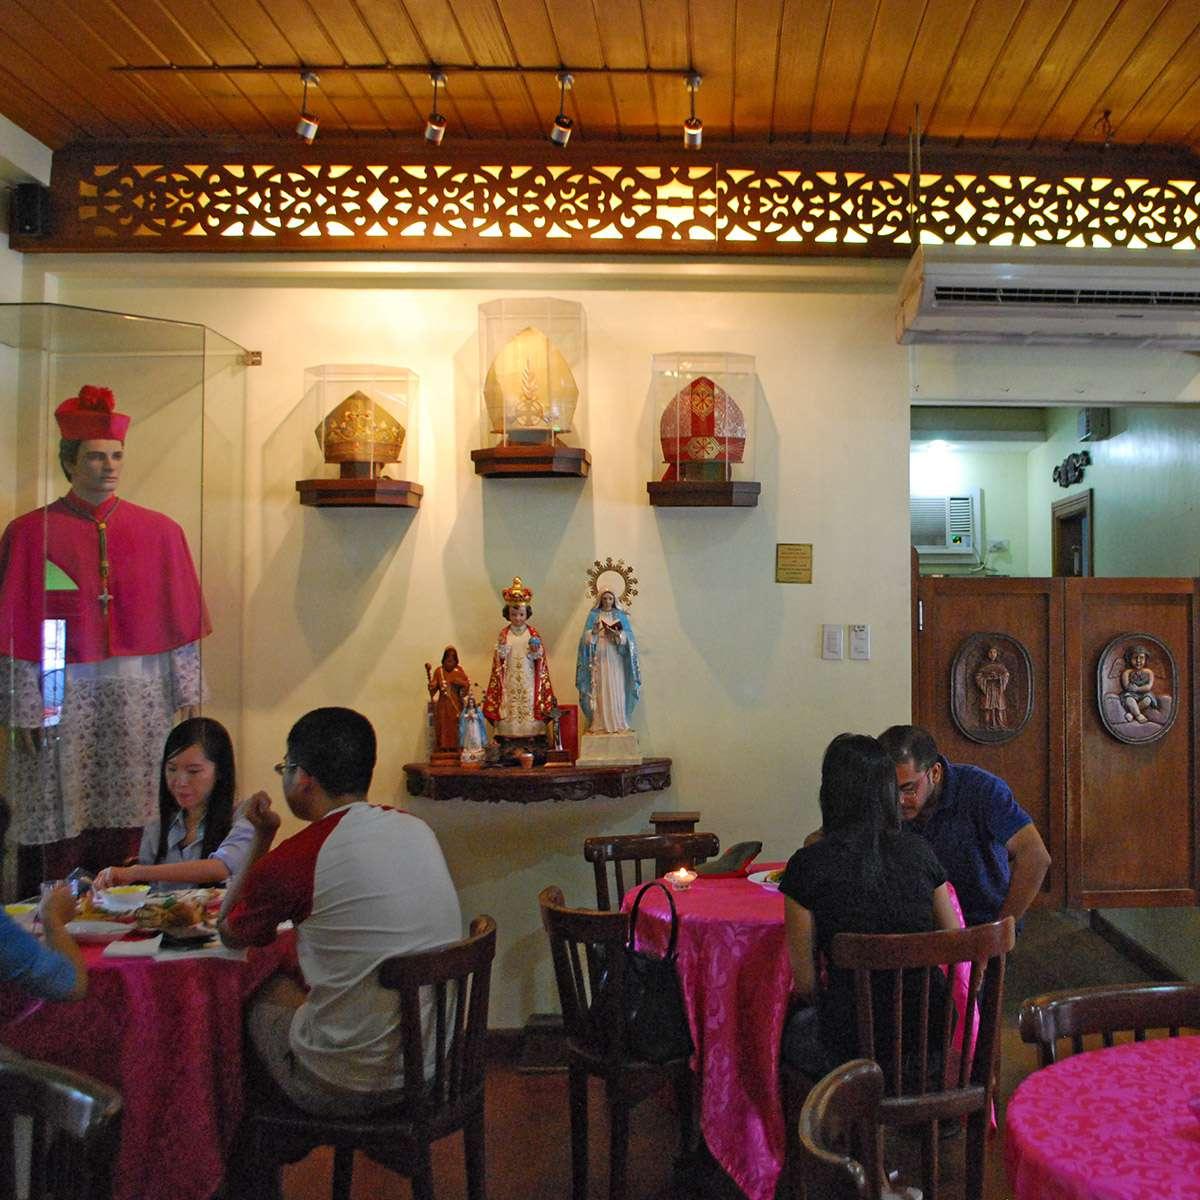 Interior of Ristorante delle Mitre, Intramuros